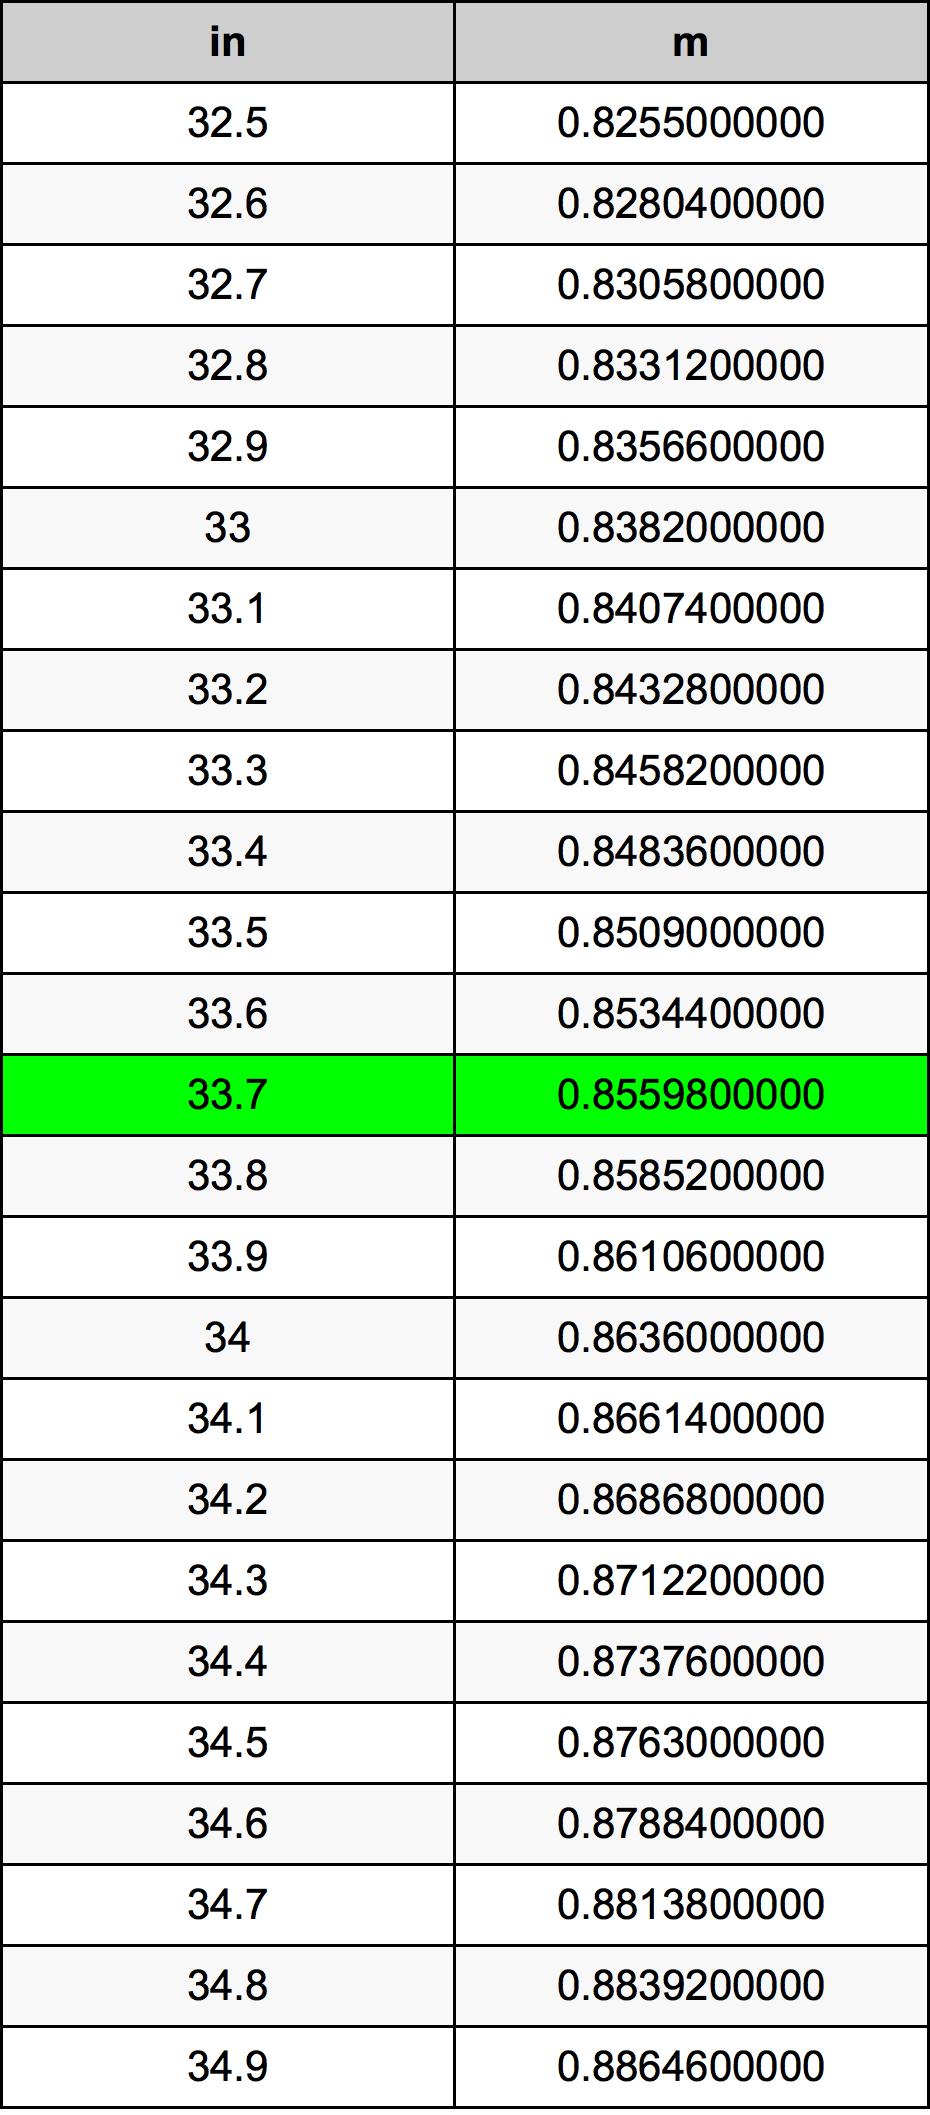 33.7インチ換算表